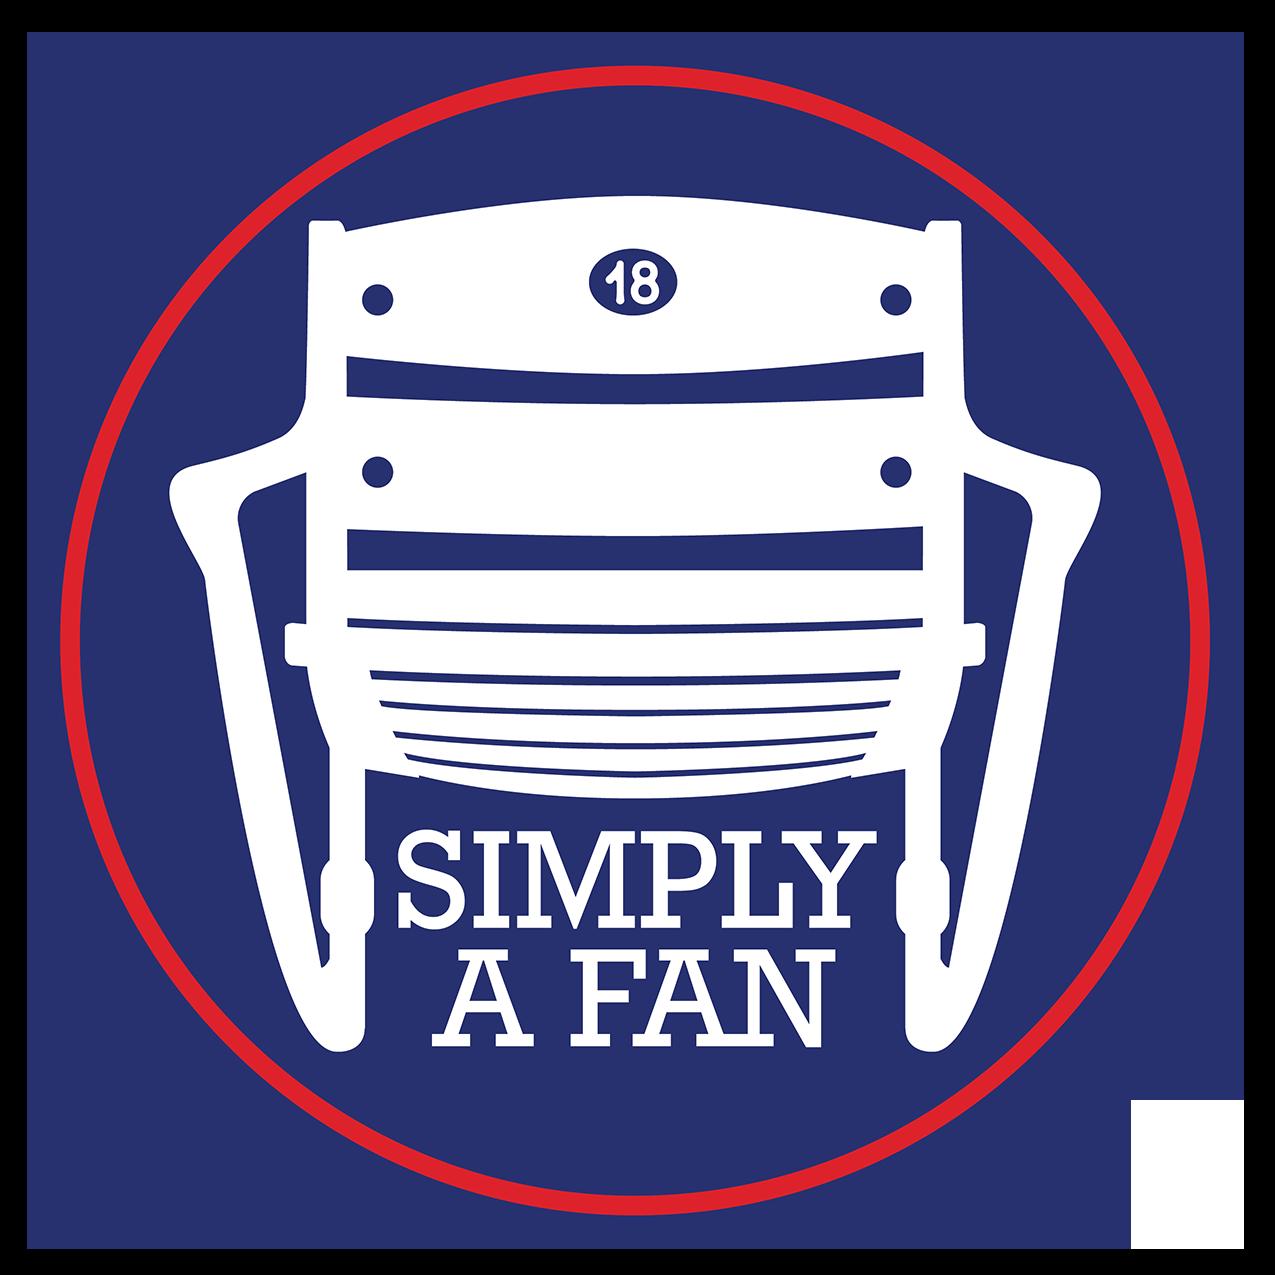 Simply A Fan